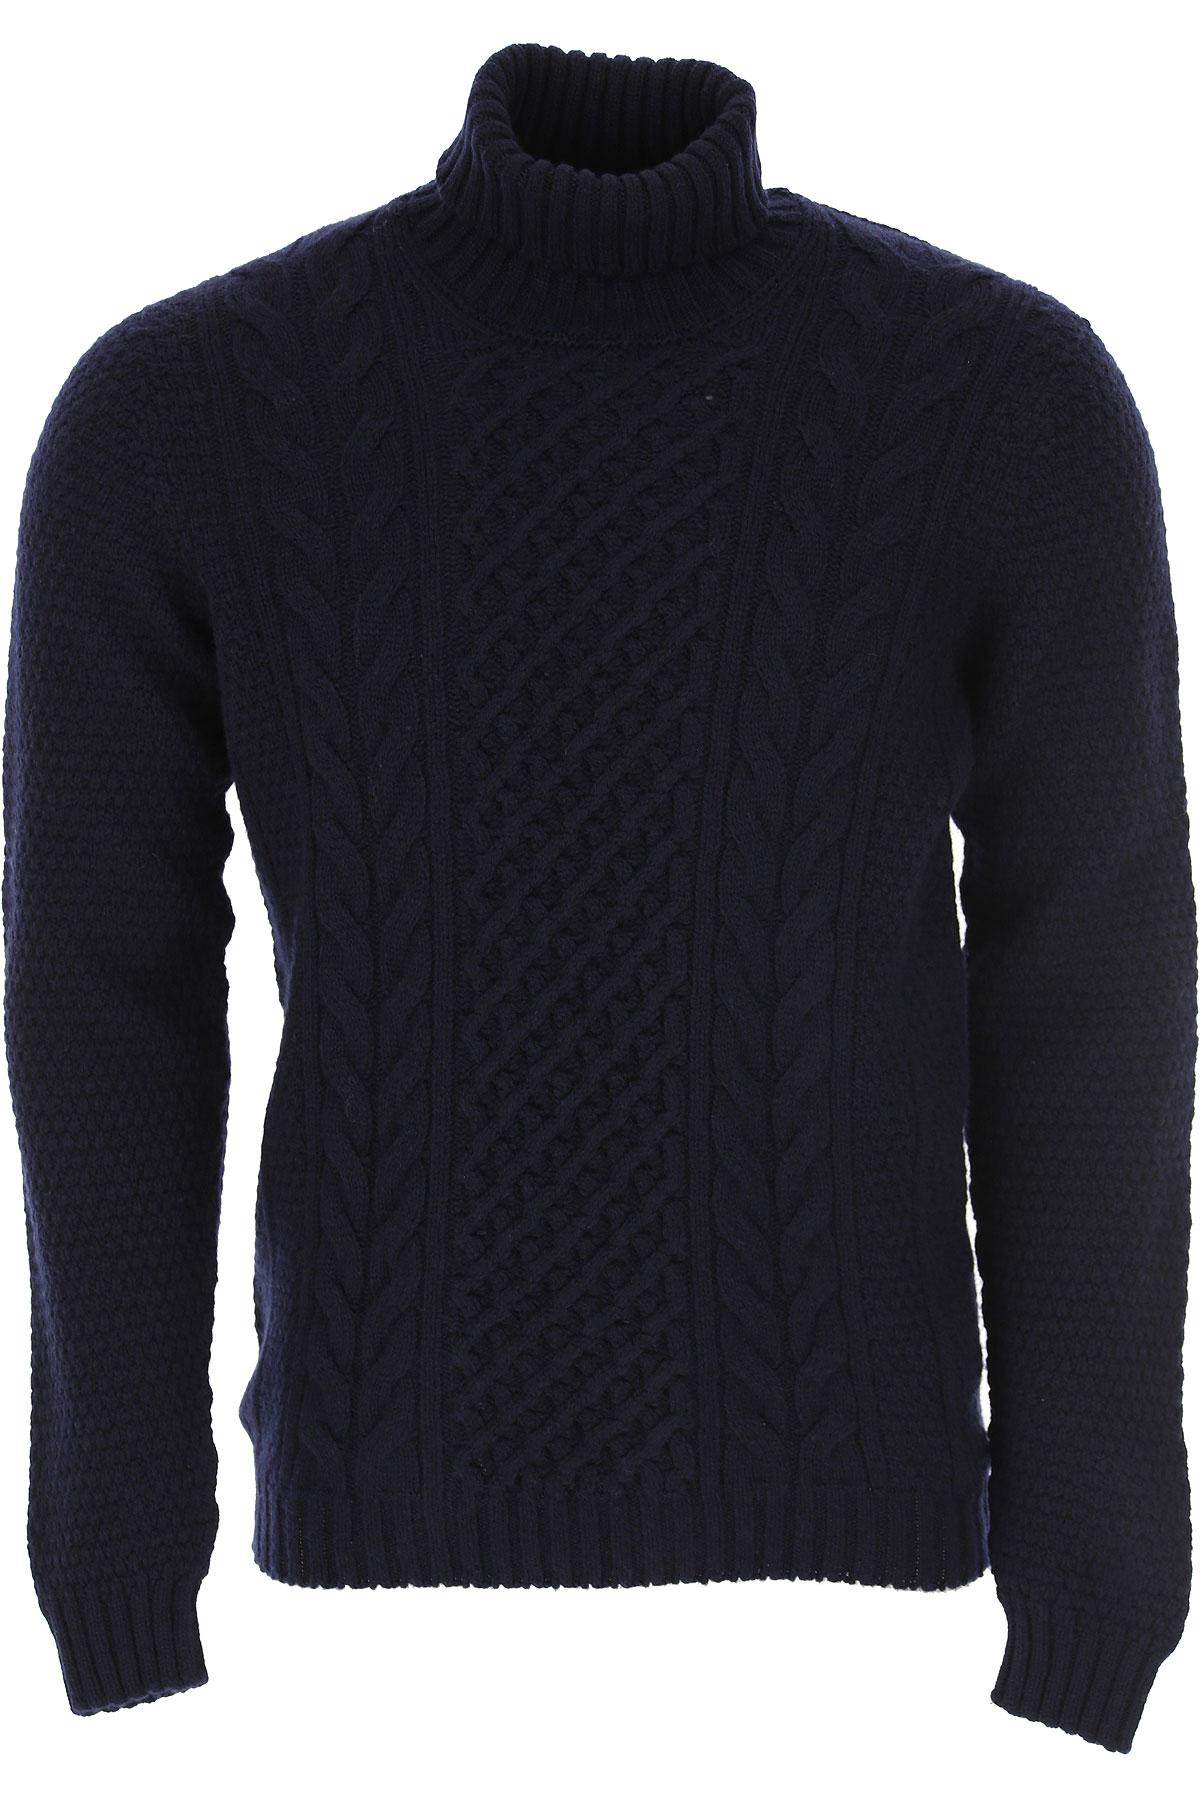 Drumohr Sweater for Men Jumper, Midnight Blue, Wool, 2019, XL XXL